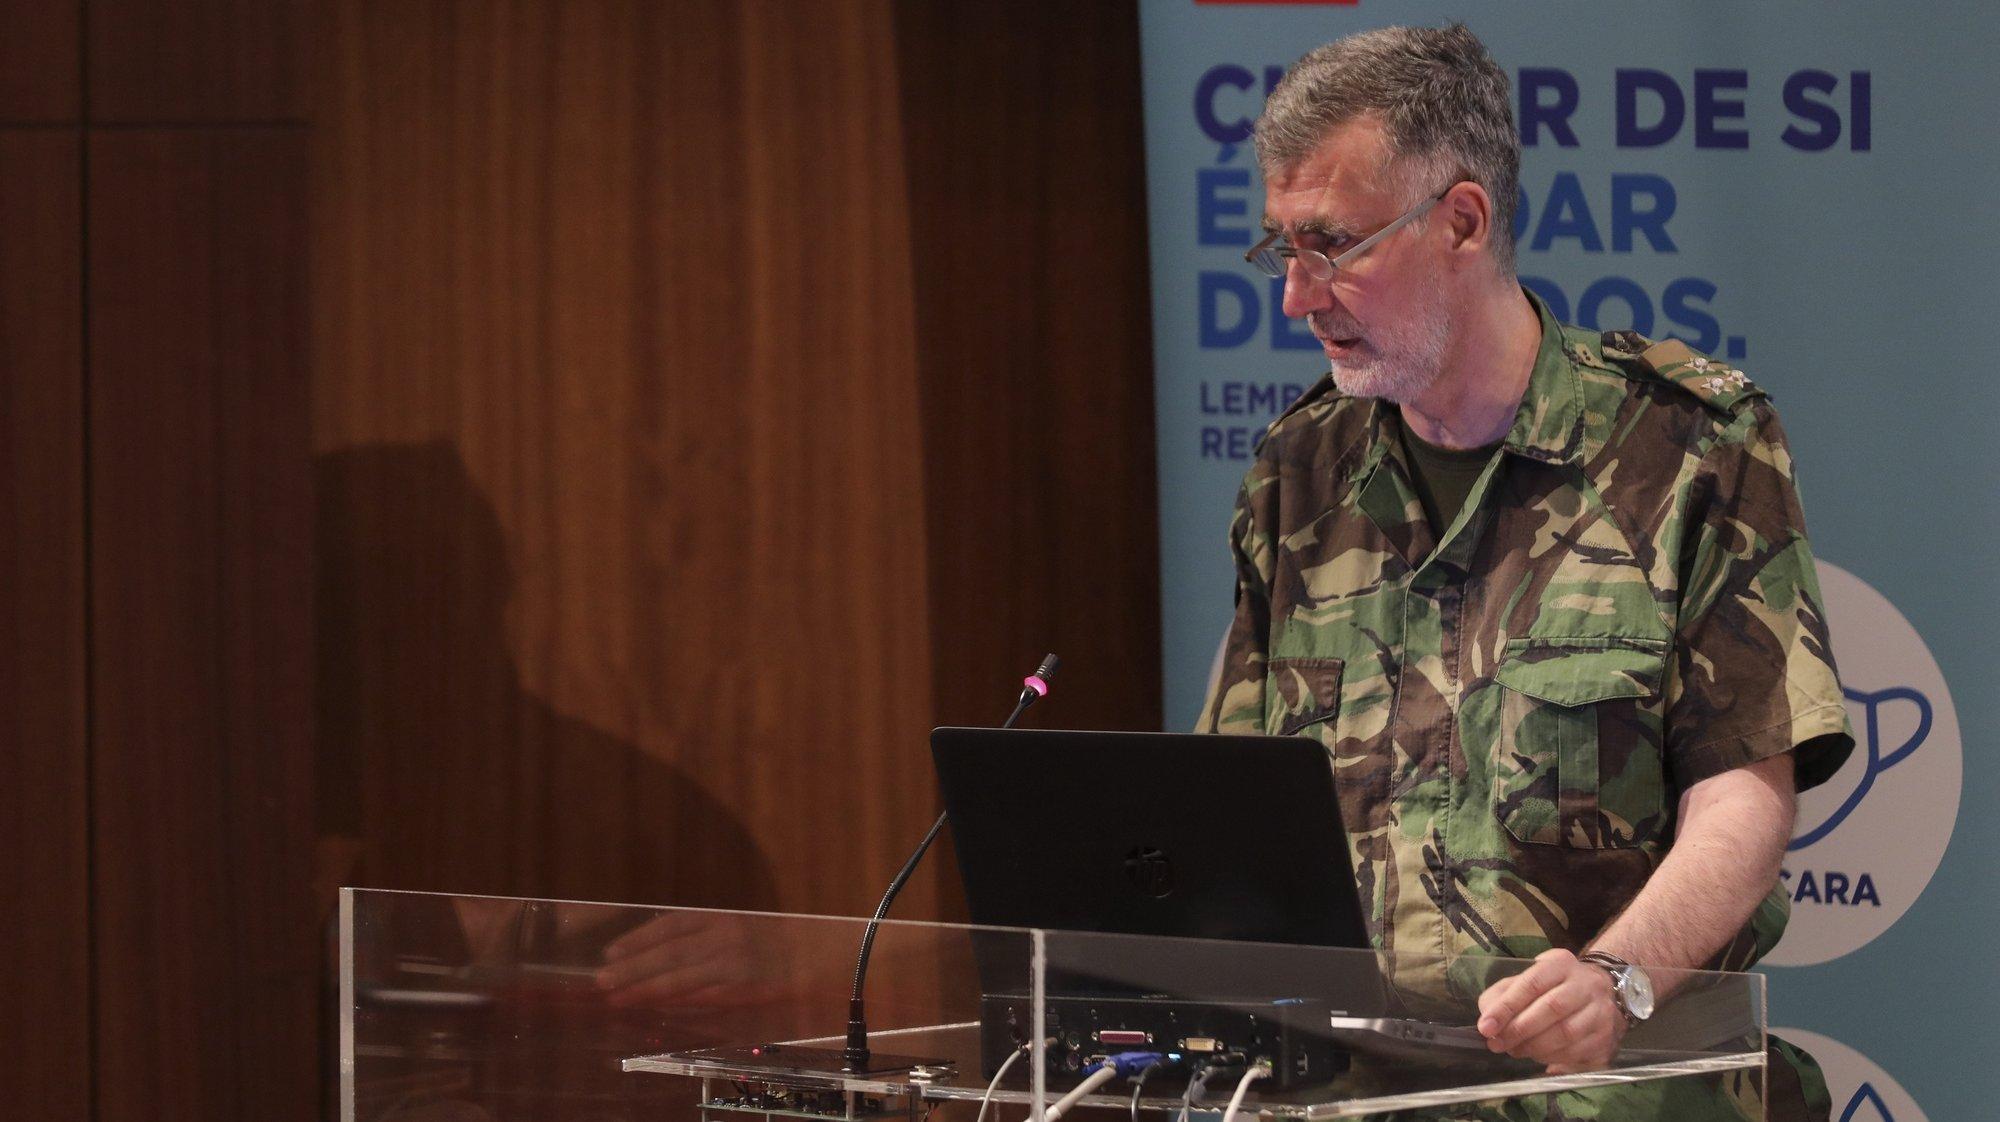 O coordenador da Task Force para o Plano de Vacinação contra a covid-19 em Portugal, vice-almirante Henrique Gouveia e Melo, intervém na 23ª sessão sobre a evolução da covid-19 em Portugal, no Infarmed, Lisboa, 16 de setembro de 2021. MIGUEL A. LOPES/LUSA